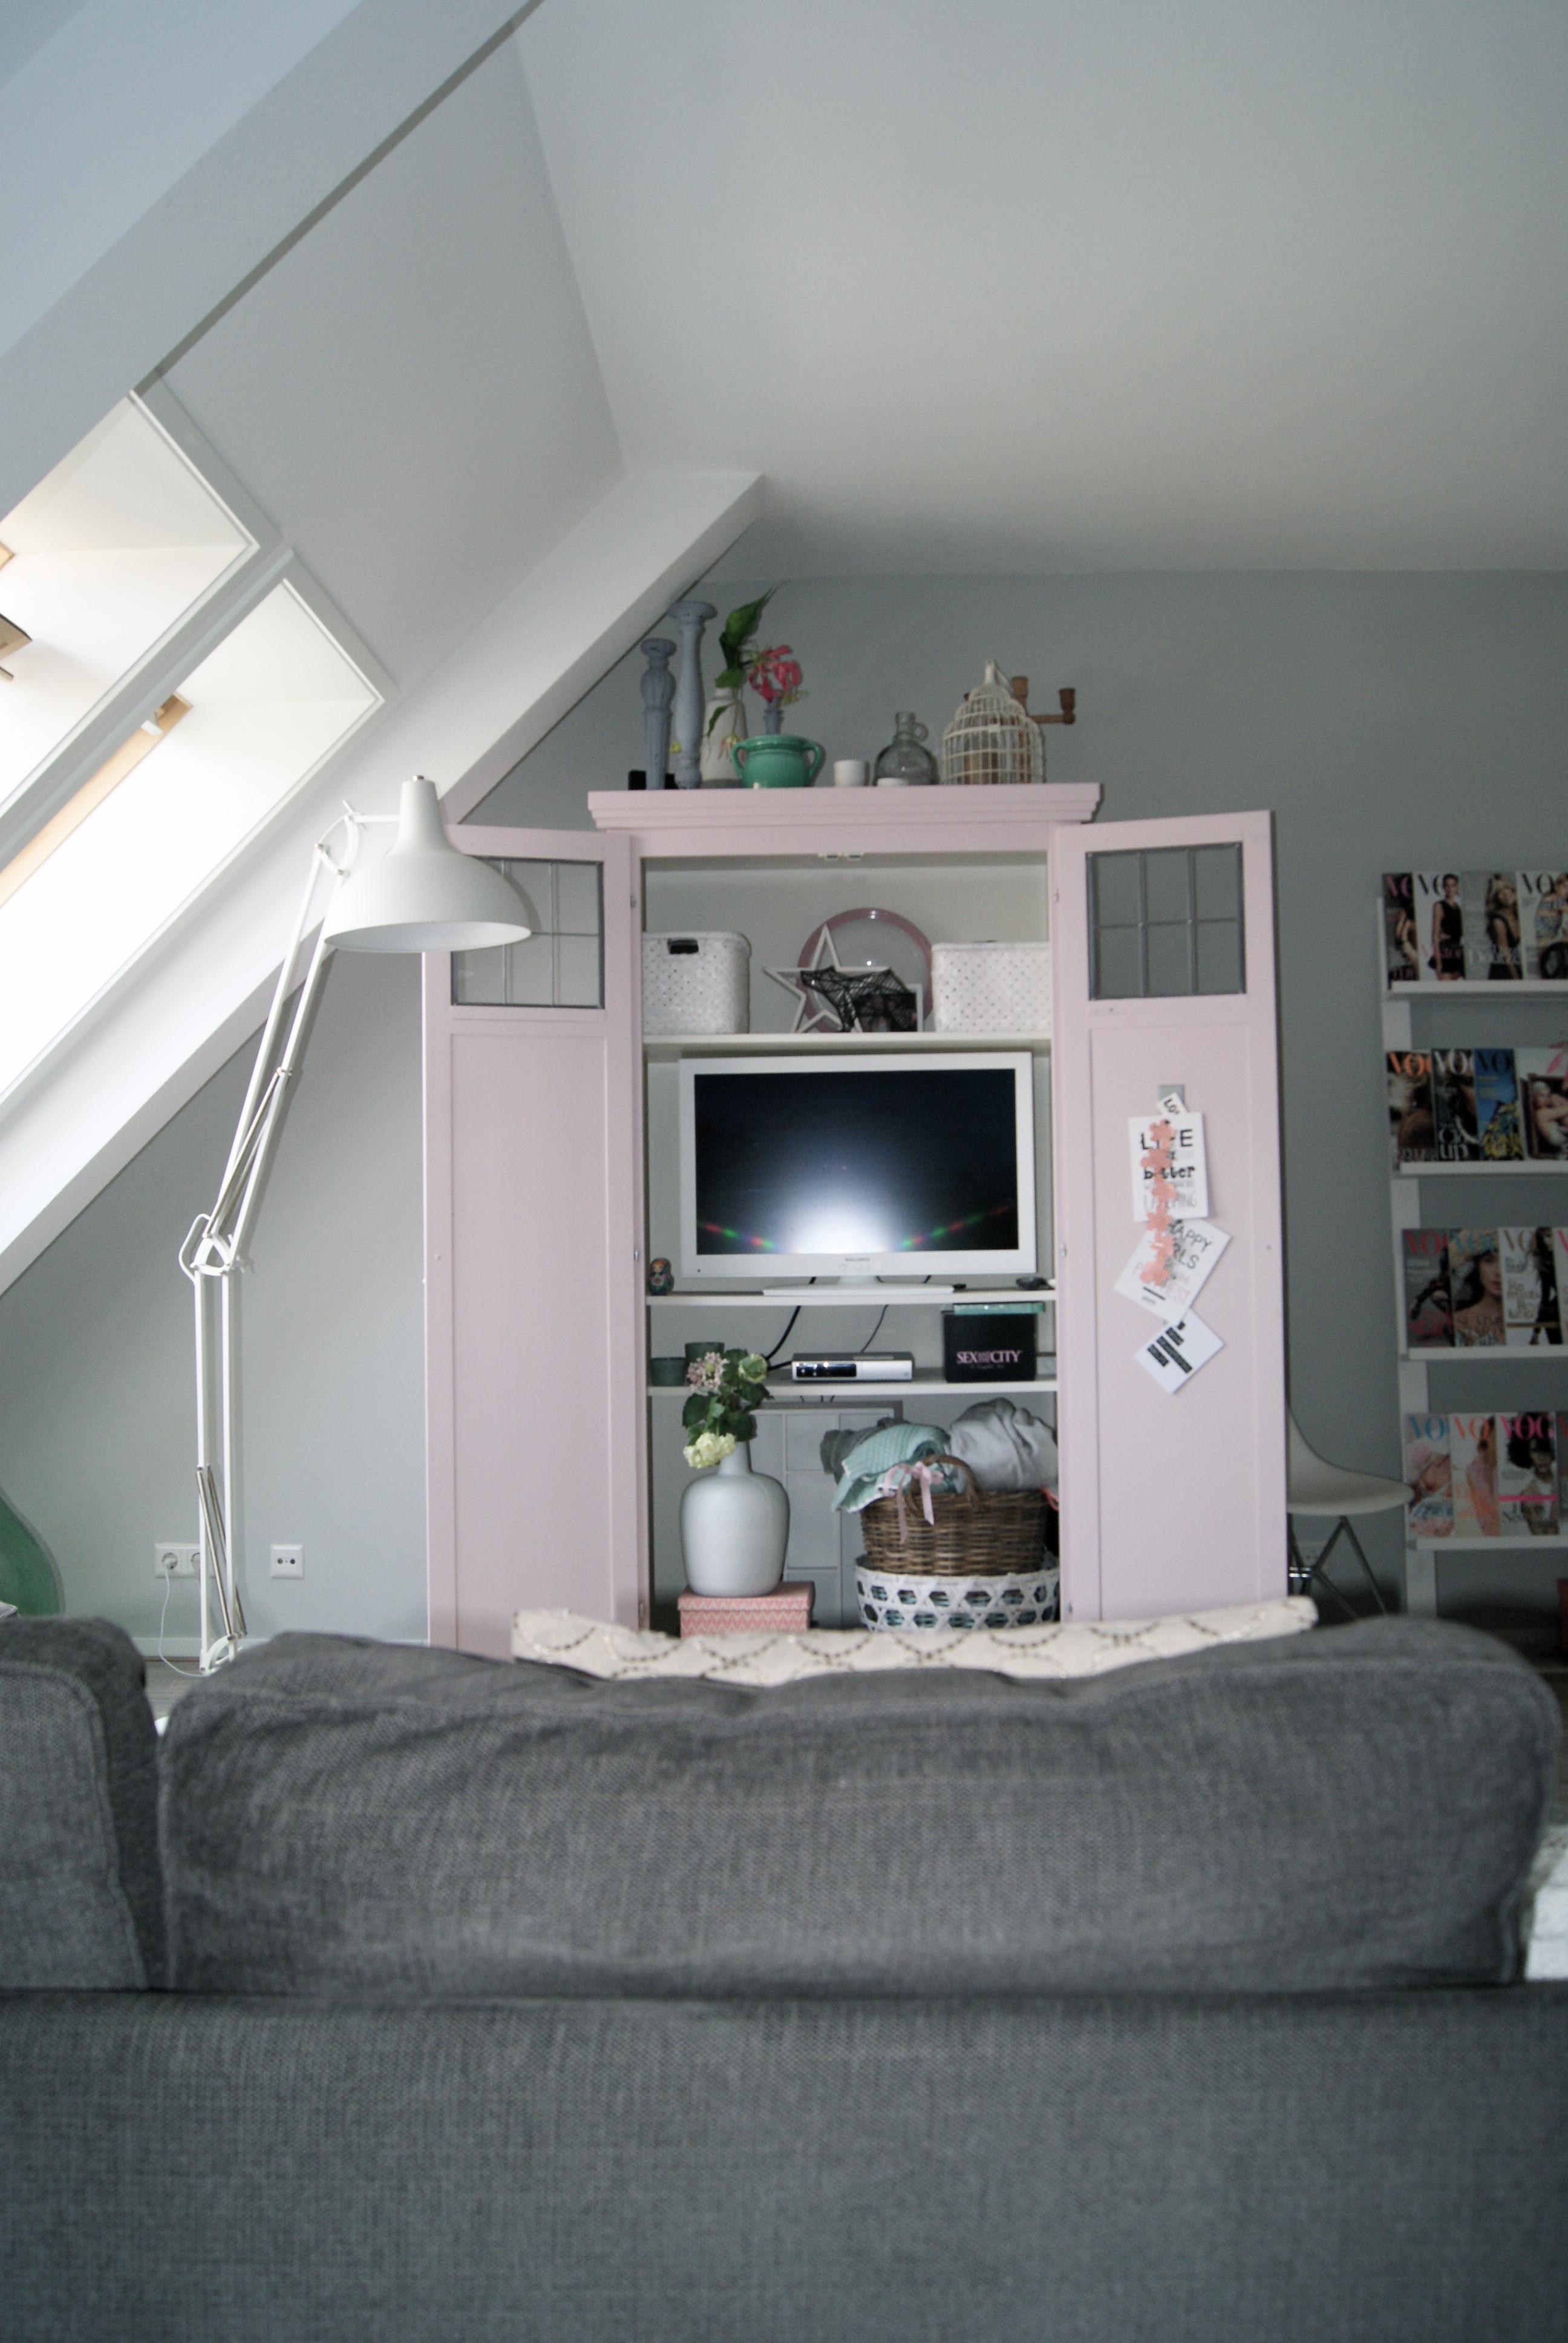 Slaapkamer inrichten eigen huis en tuin beste inspiratie kamers design en meubels - Huis slaapkamer ...